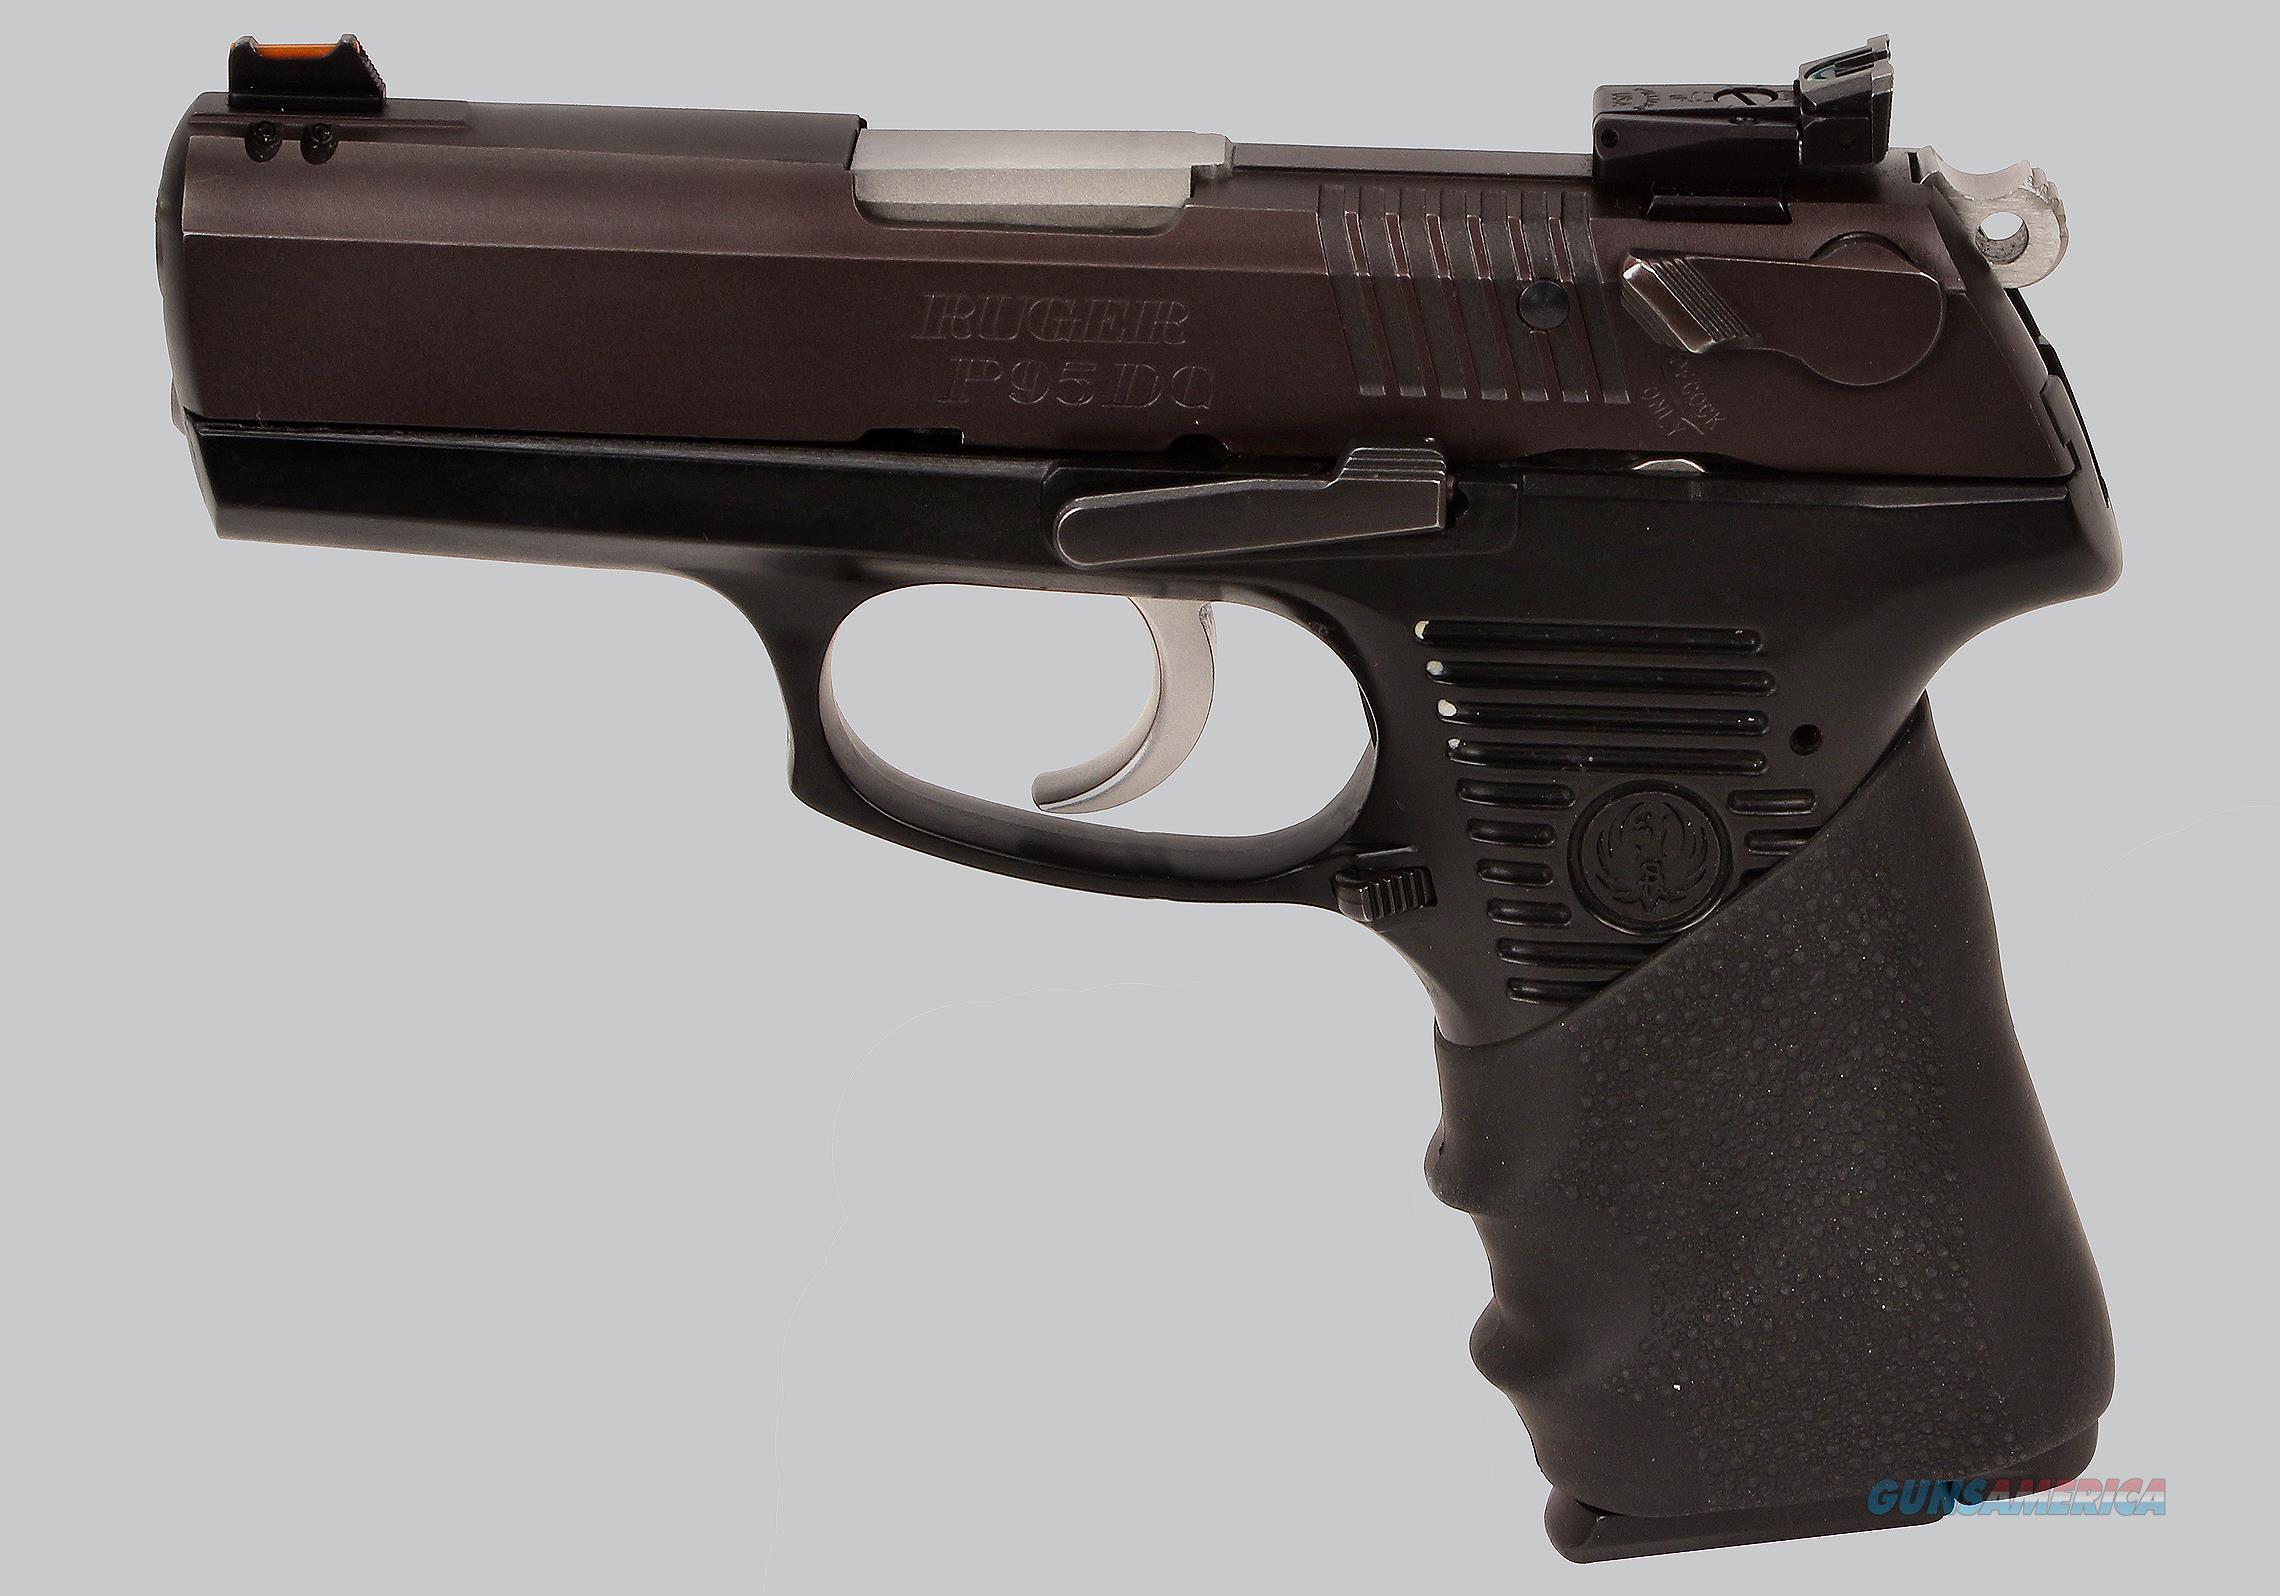 Ruger 9mm P95dc Pistol For Sale